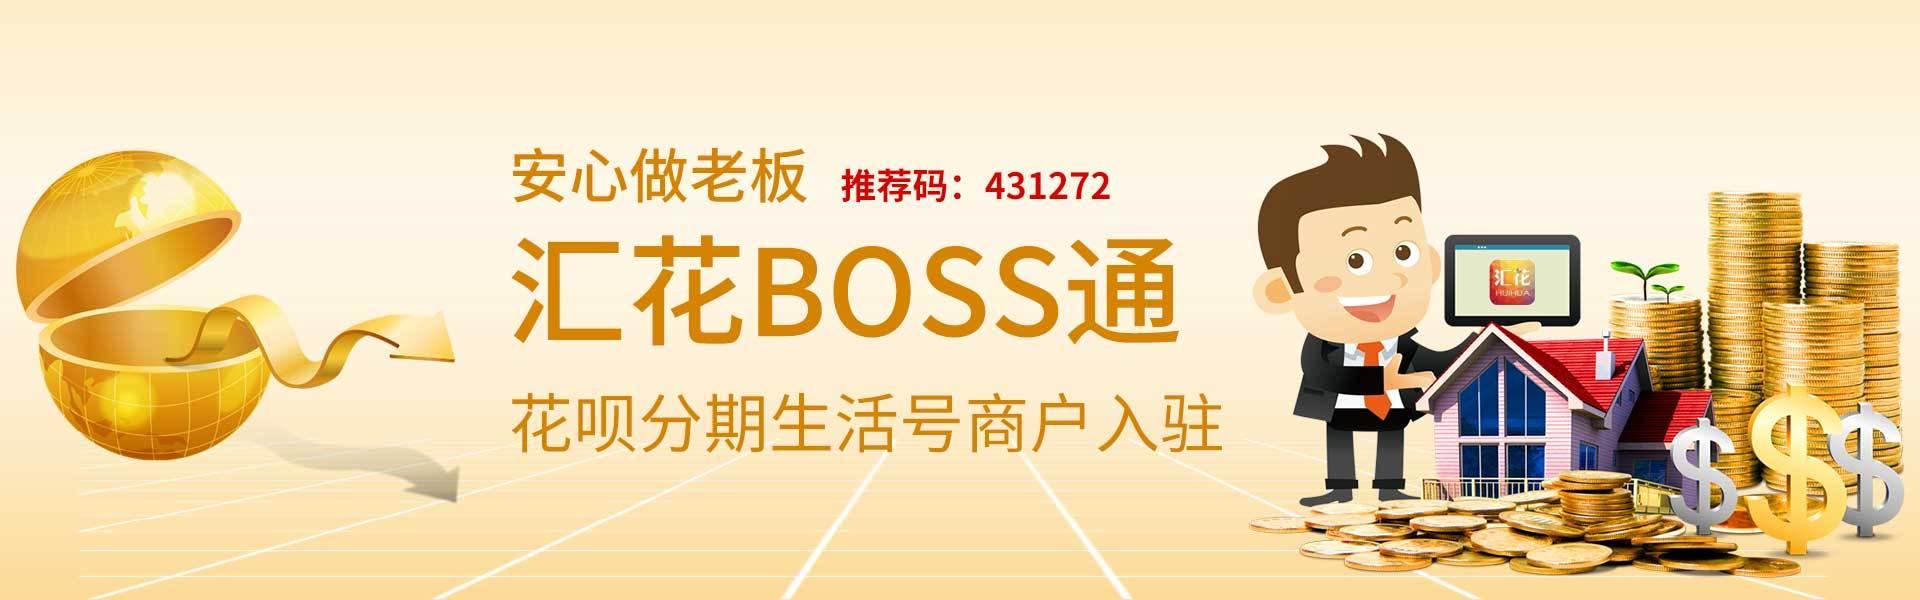 肇庆市集信汽车贸易有限公司主要经营银行信用贷款、快售宝、车贷房贷、汽车质押贷款以及信用贷款等多种贷款。